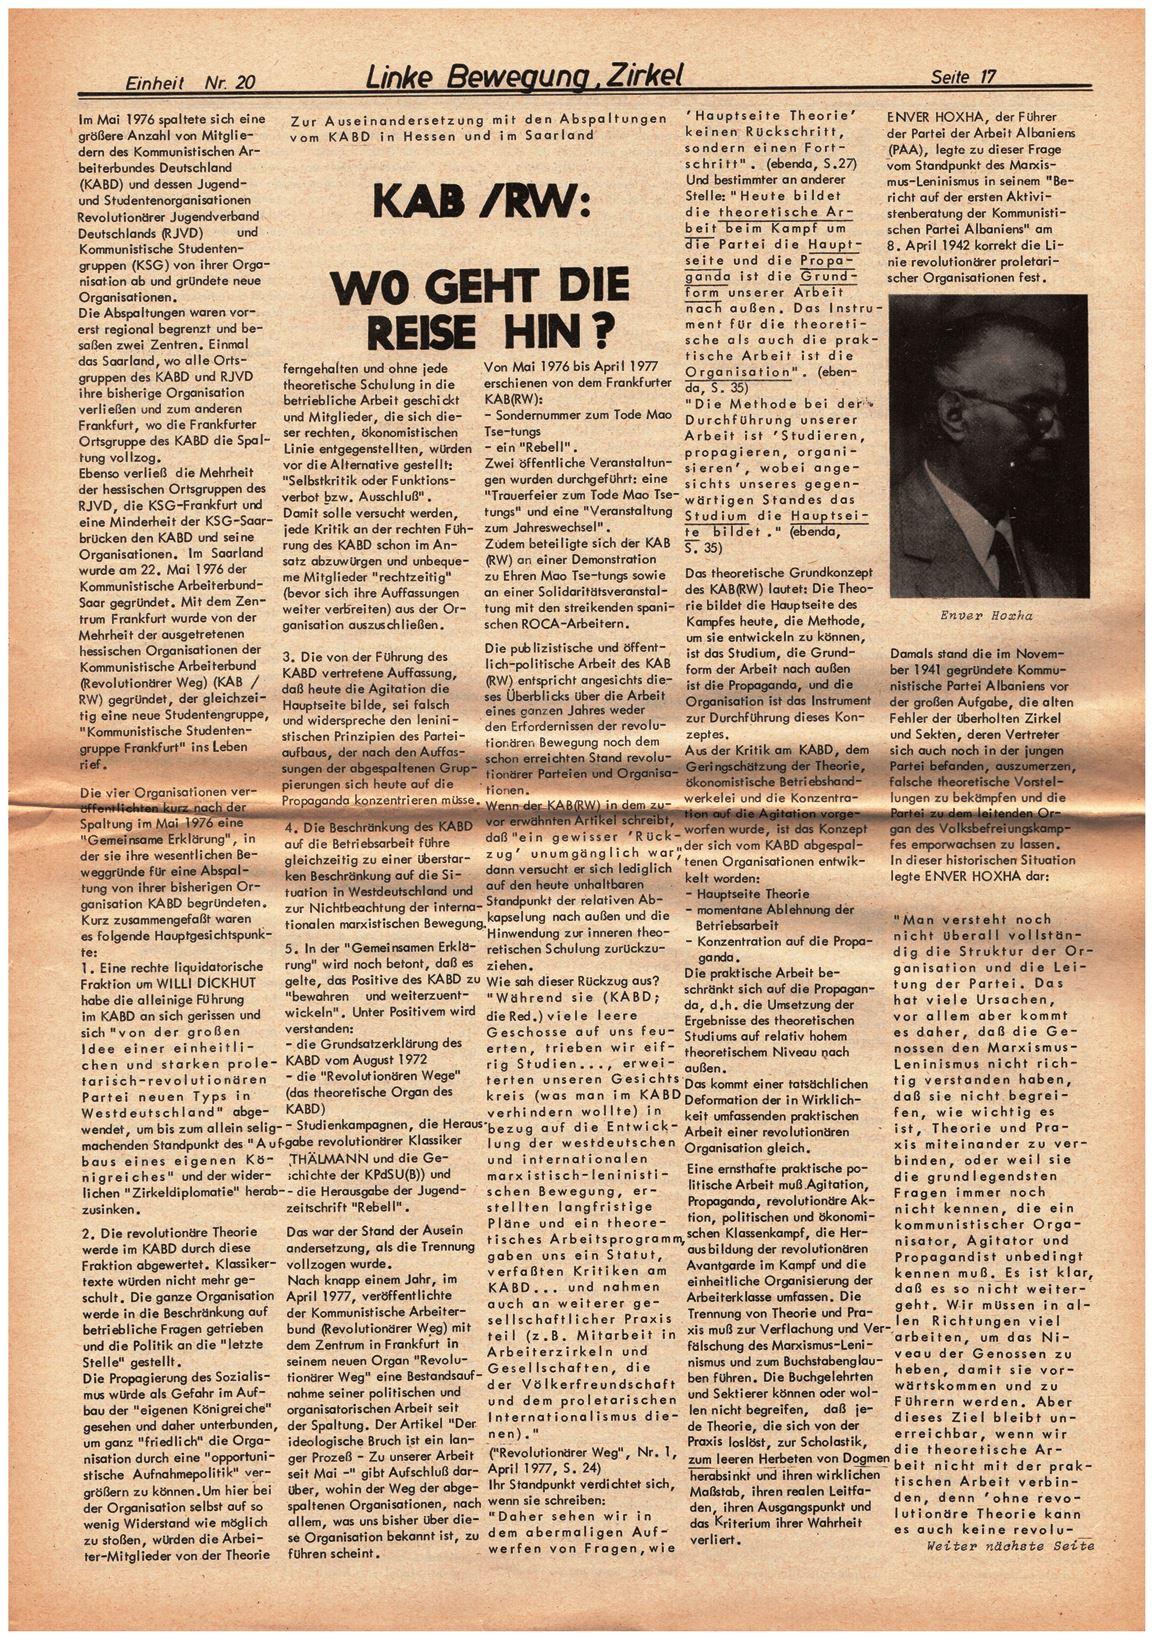 Koeln_IPdA_Einheit_1977_020_017